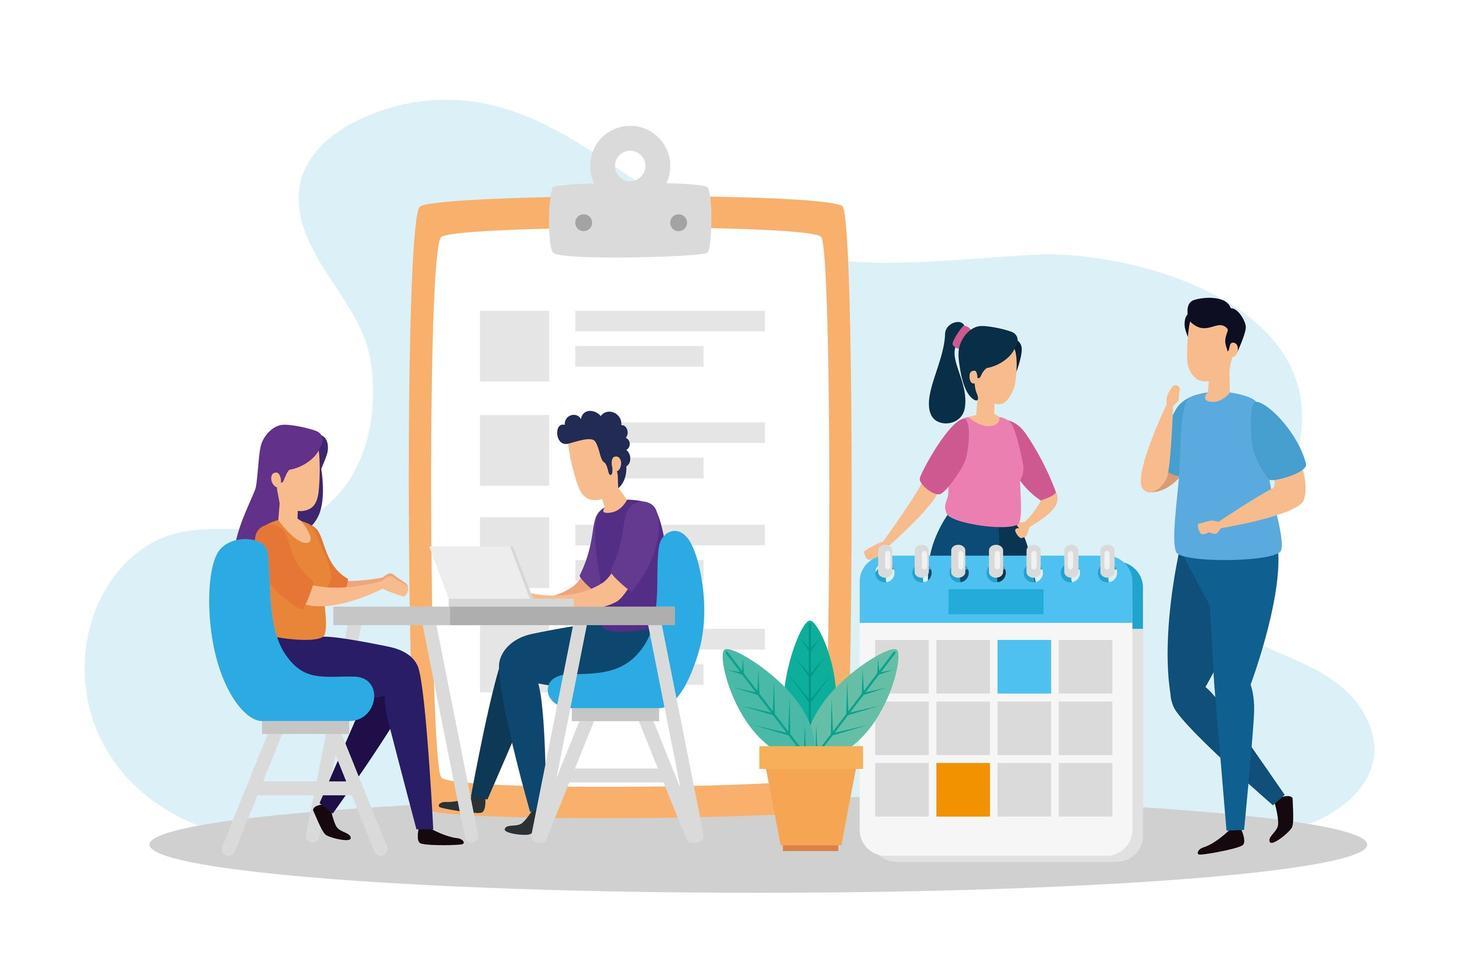 scènes de coworking avec des personnes et des icônes vecteur